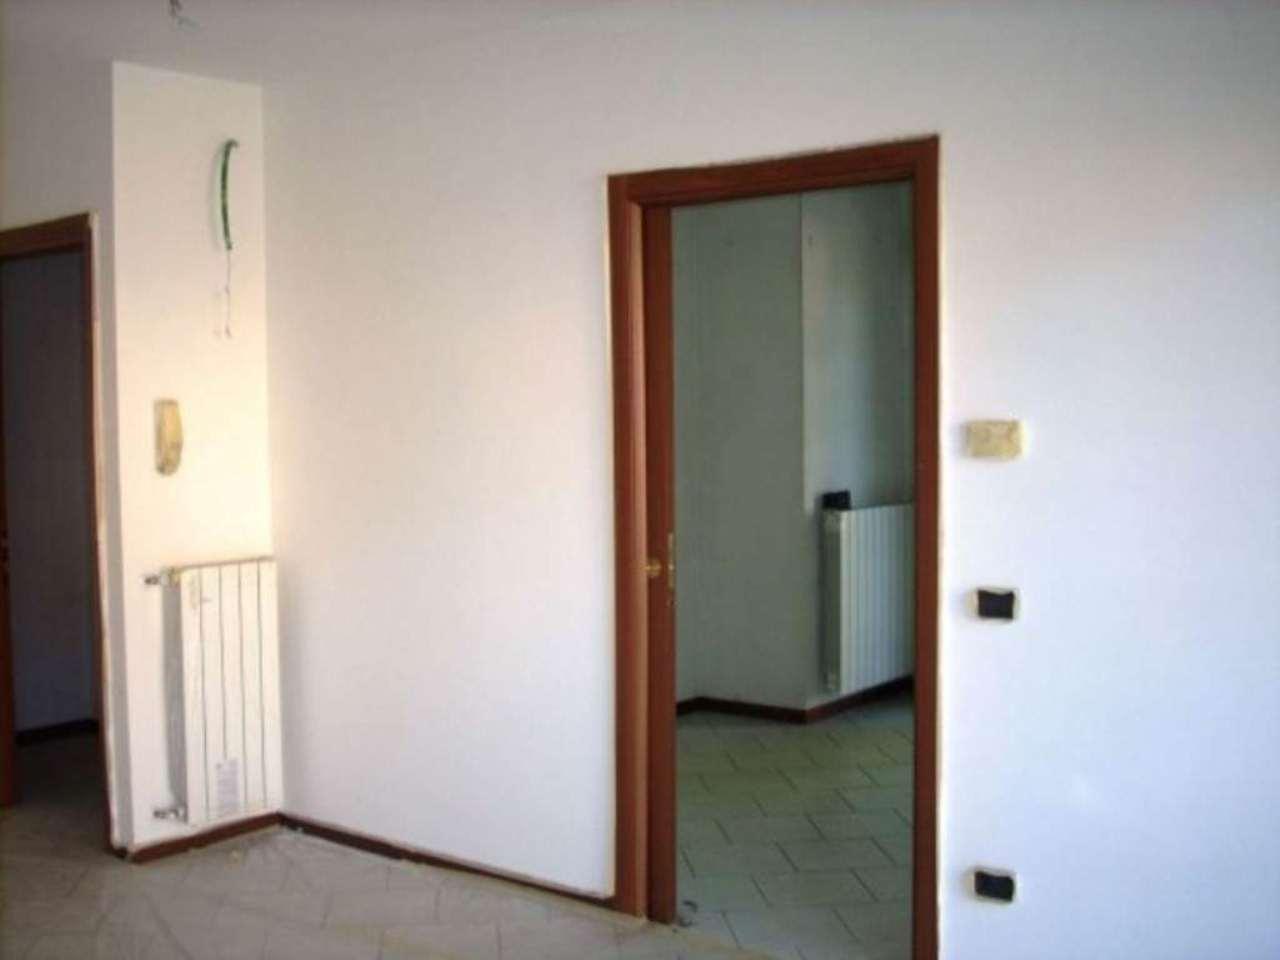 Villa in vendita a Fara Olivana con Sola, 3 locali, prezzo € 140.000 | Cambio Casa.it